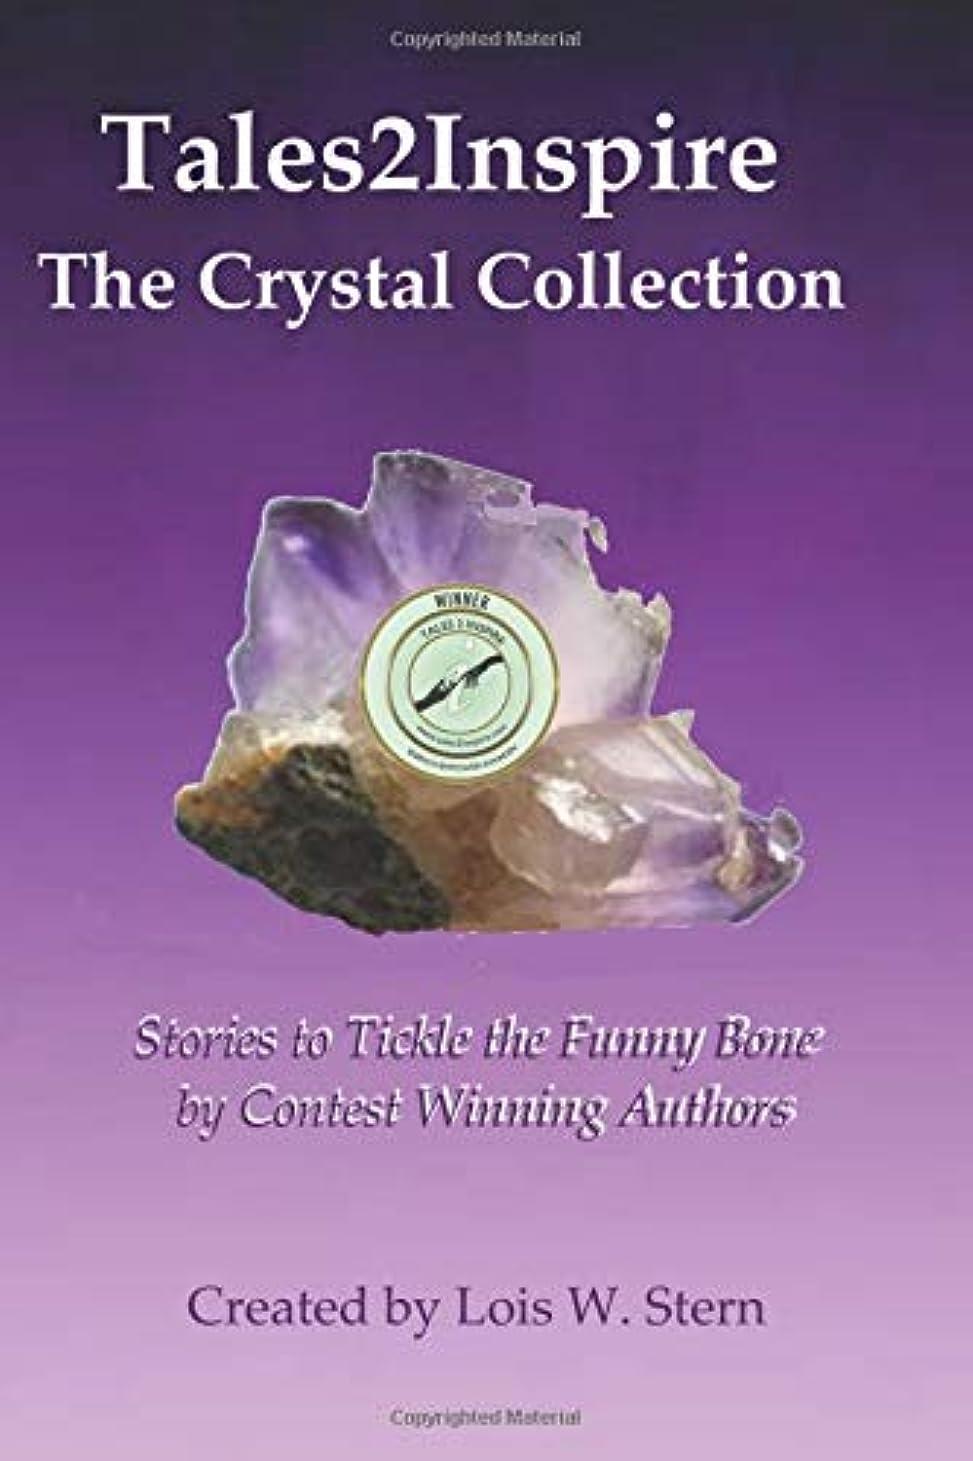 地理全く労苦Tales2Inspire ~ The Crystal Collection: Stories that Tickle the Funny Bone